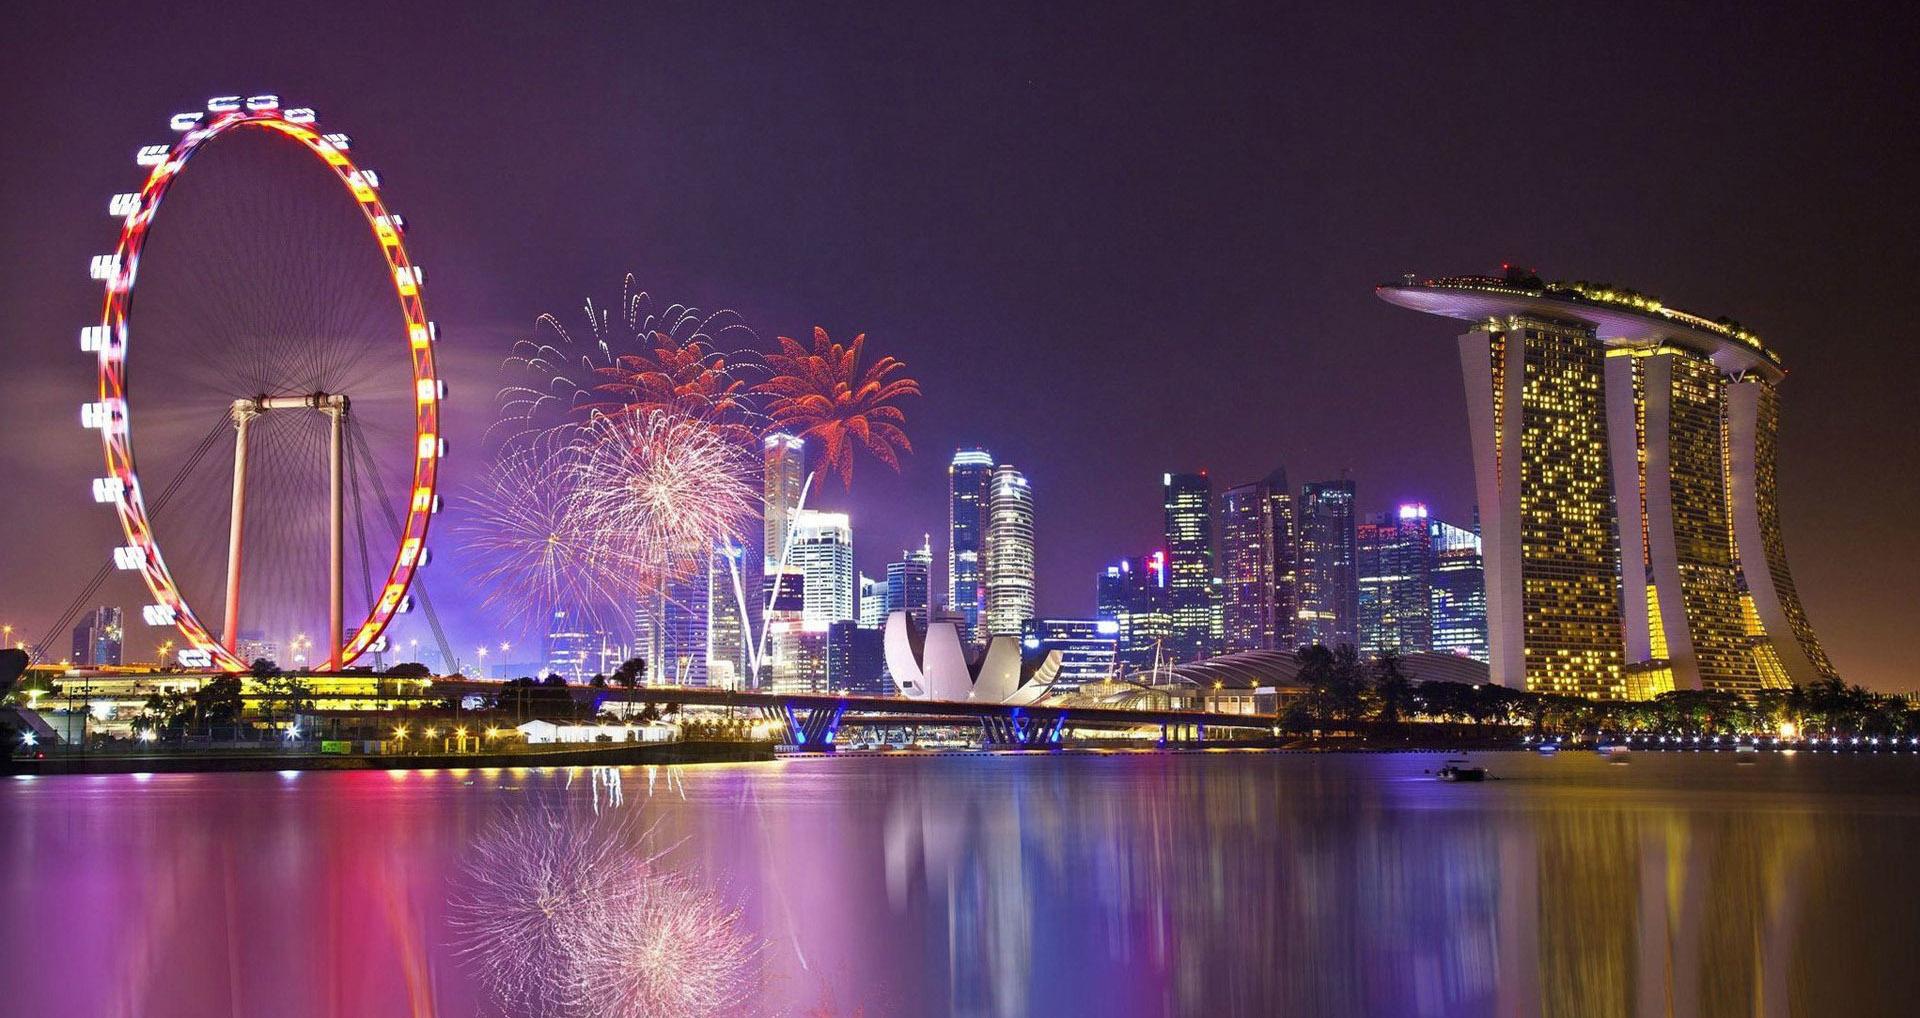 新加坡一地4晚5日游(新航直飞不转机,纯玩无购物,全程首选五星金沙酒店入住。休闲美食街,网红摩天轮,美食珍宝辣蟹宴)